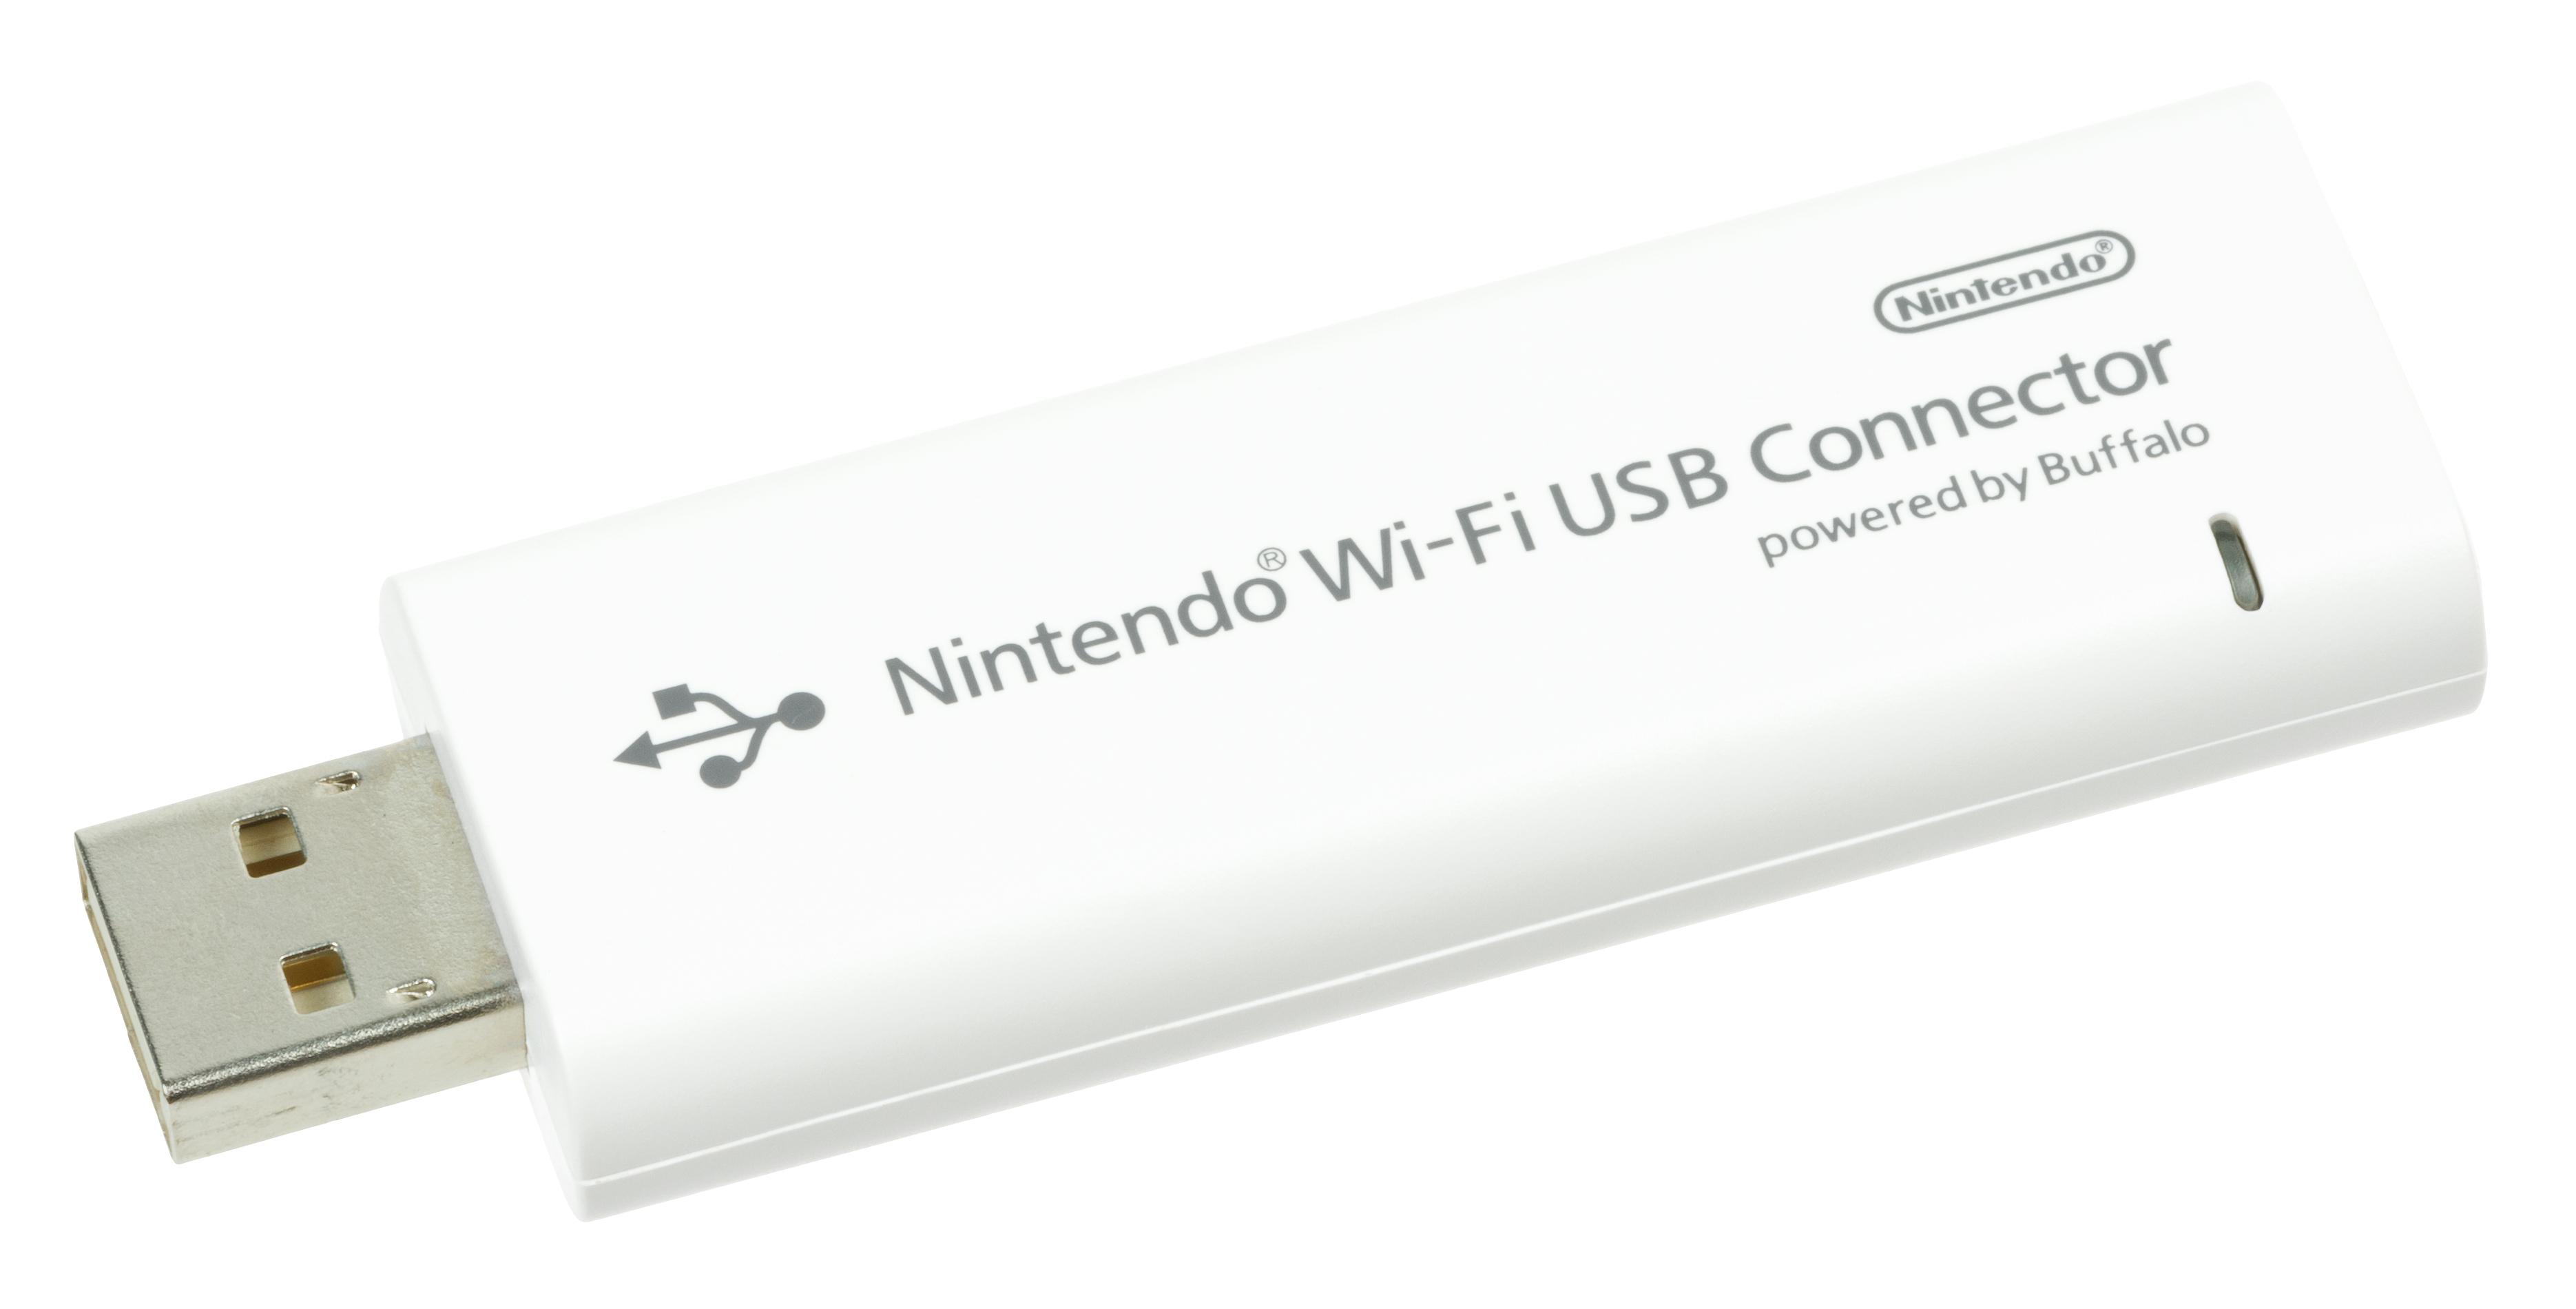 buffalo wi-fi